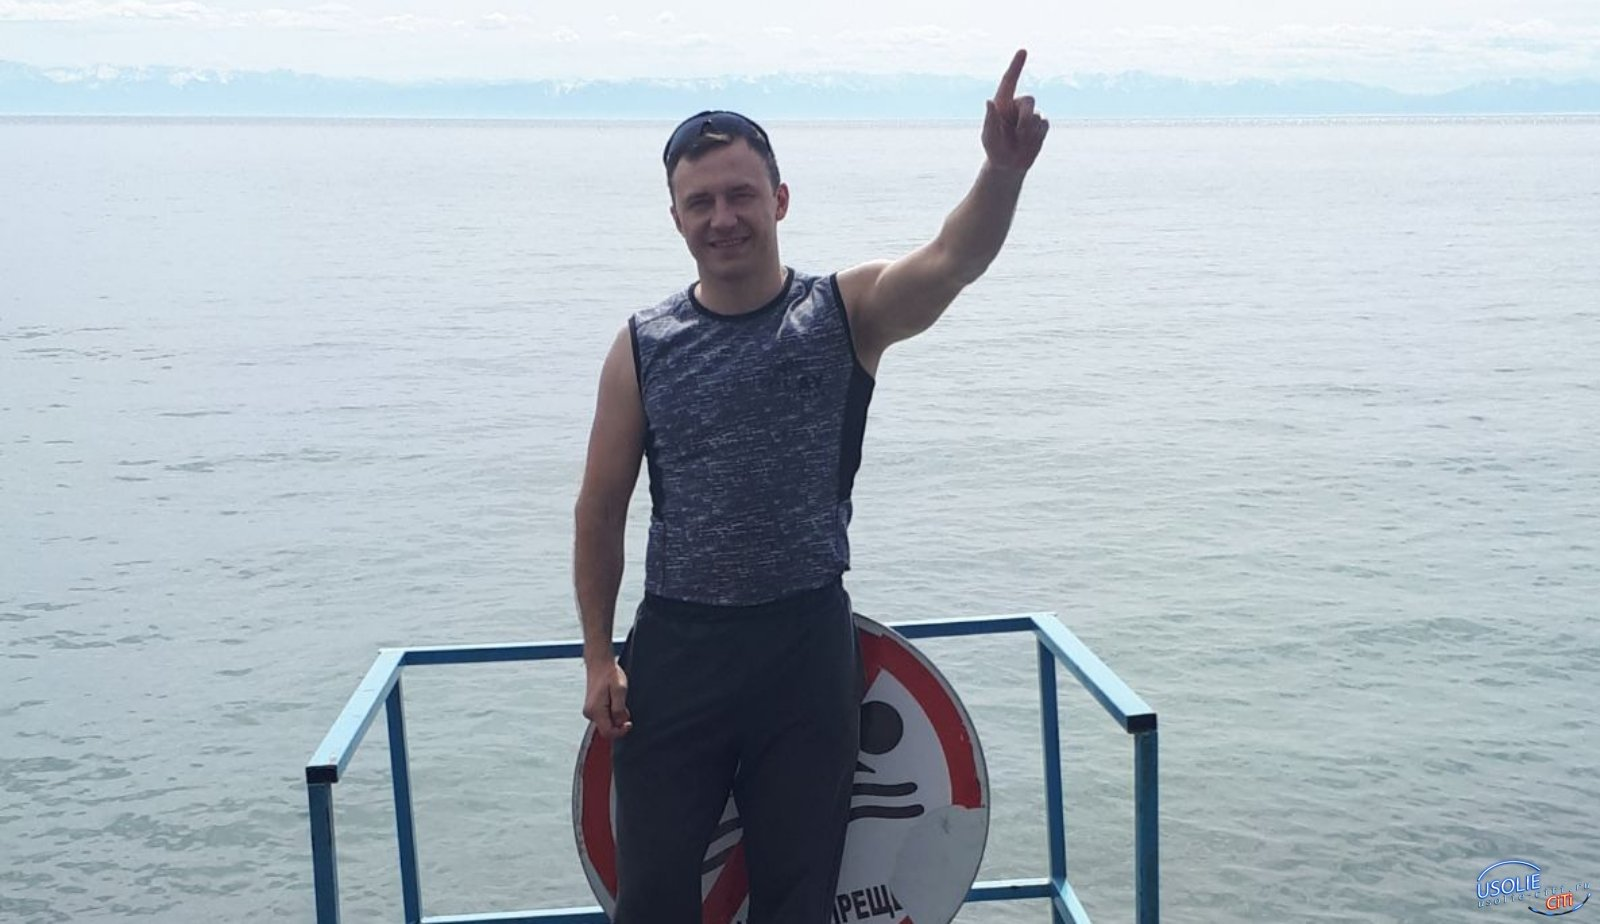 Алексей Острый: Усольчане! С Днем молодежи!